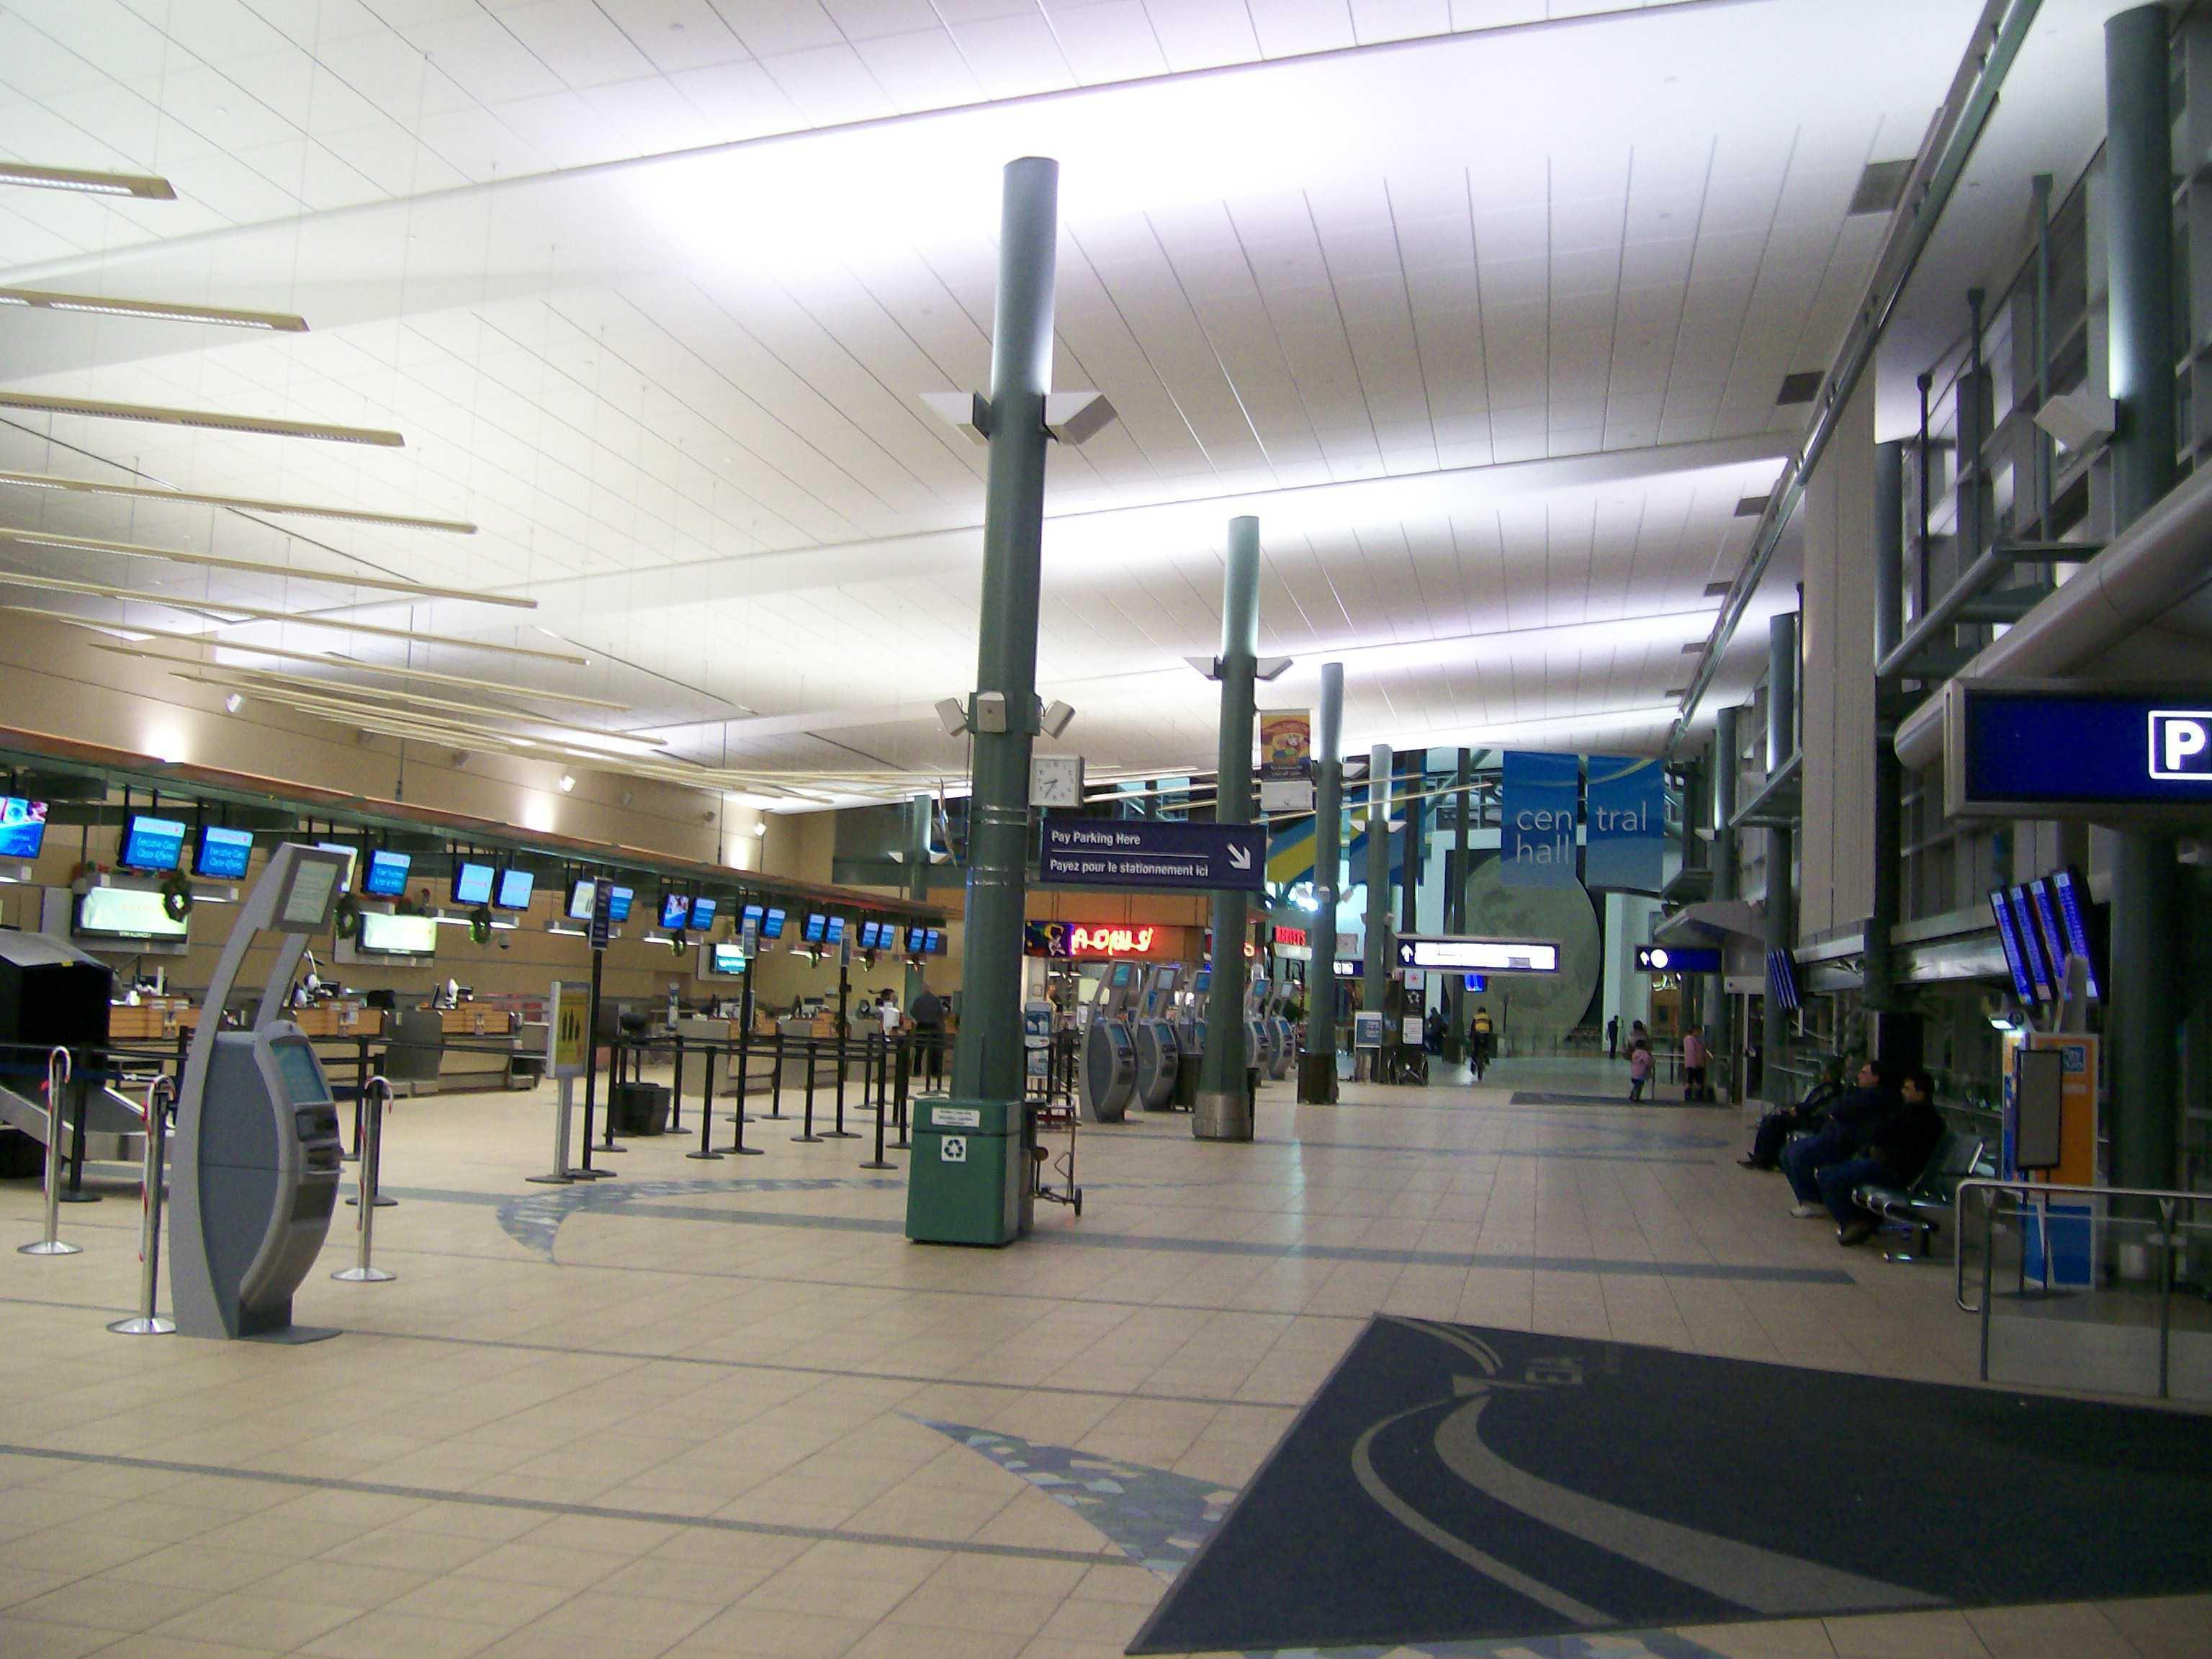 Аэропорт Эдмонтон